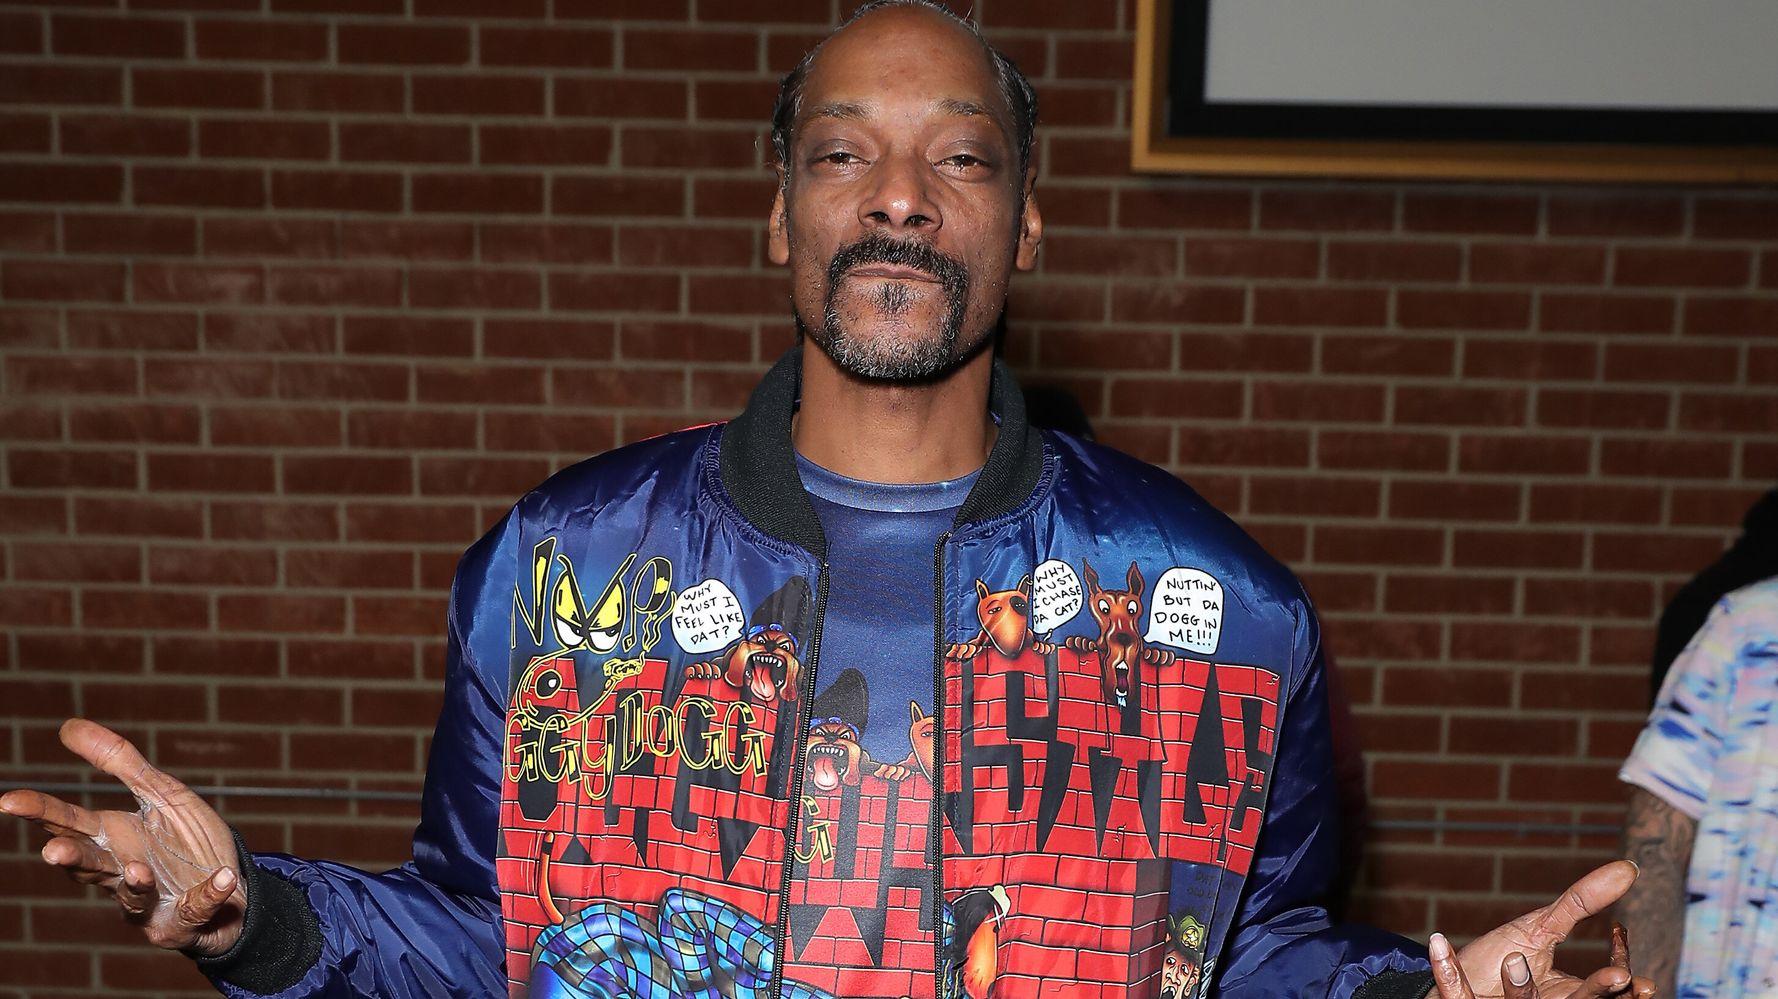 Snoop Dogg Rage выходит из Twitch, случайно оставляет прямую трансляцию включенной на 7 часов